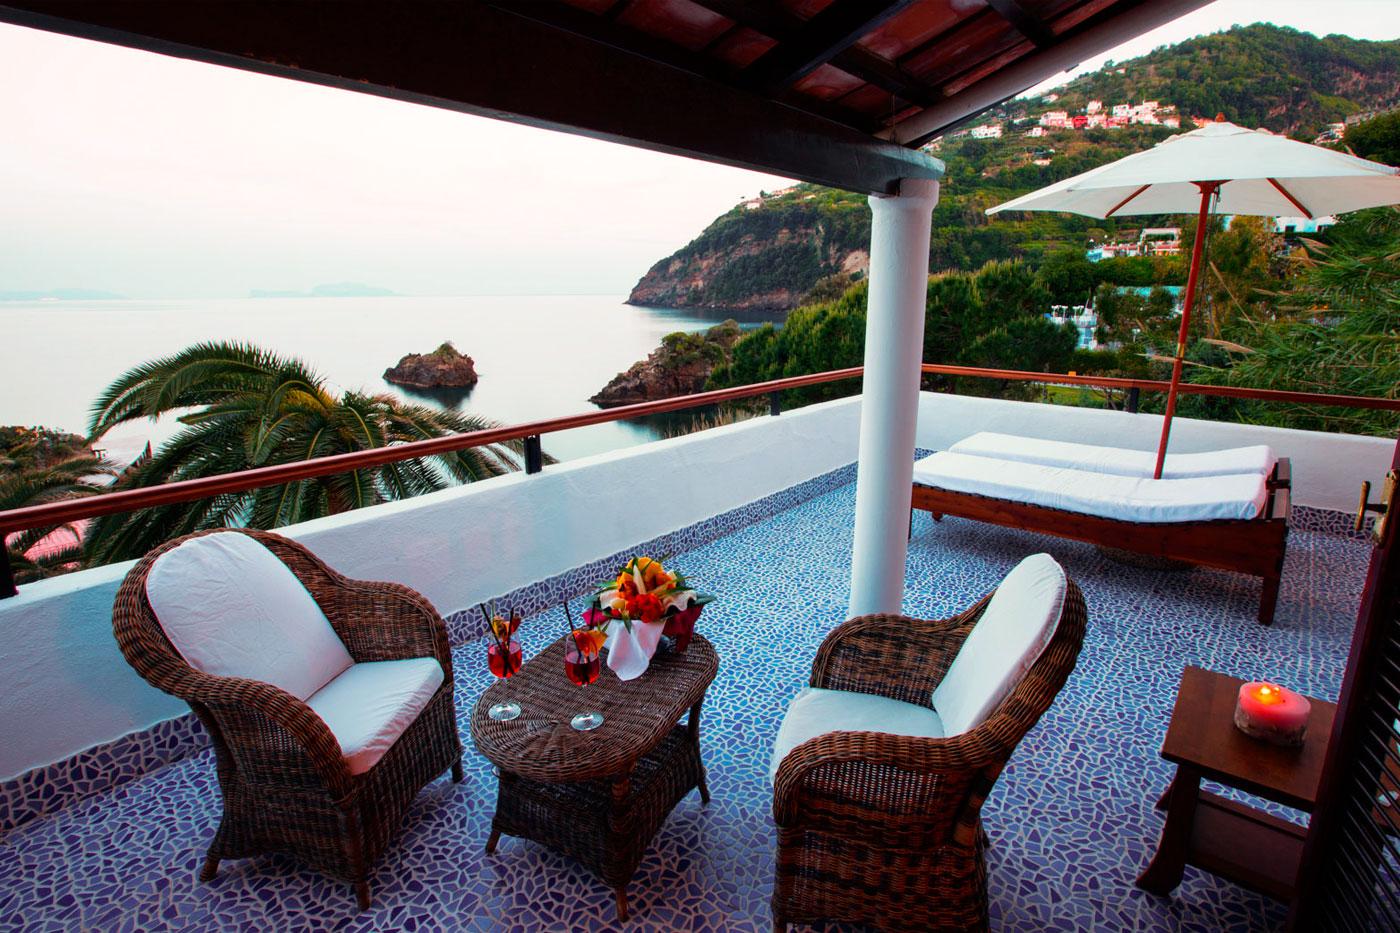 Terrazzo delle camere deluxe Hotel Giardino Eden 3 Stelle